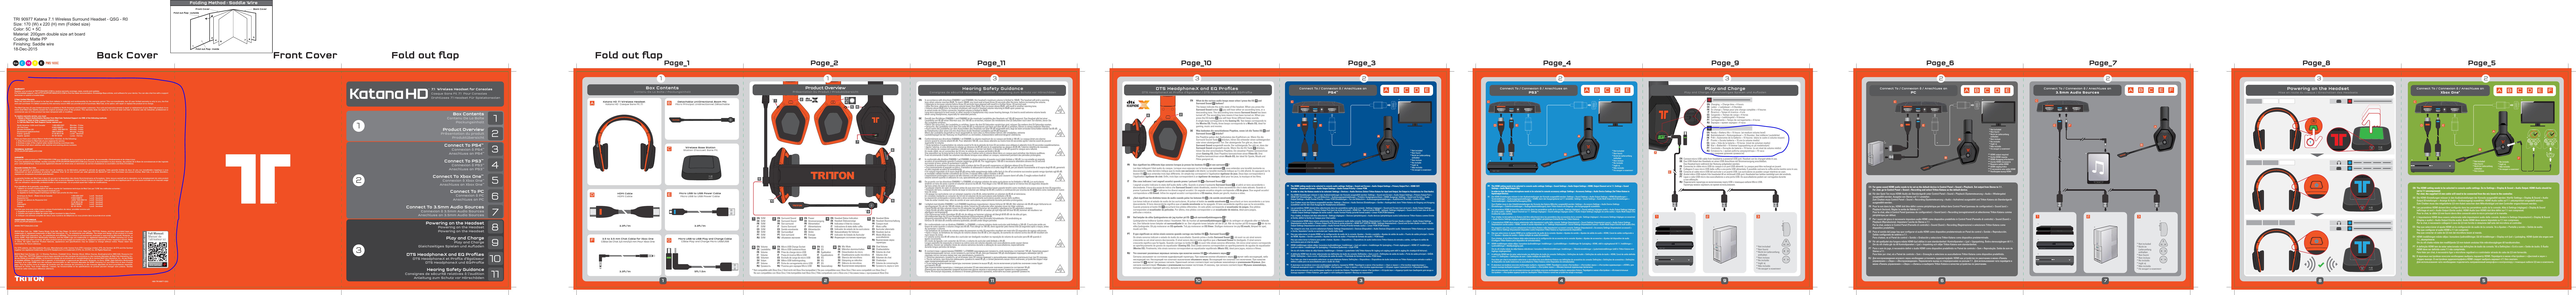 katana ii phone manual